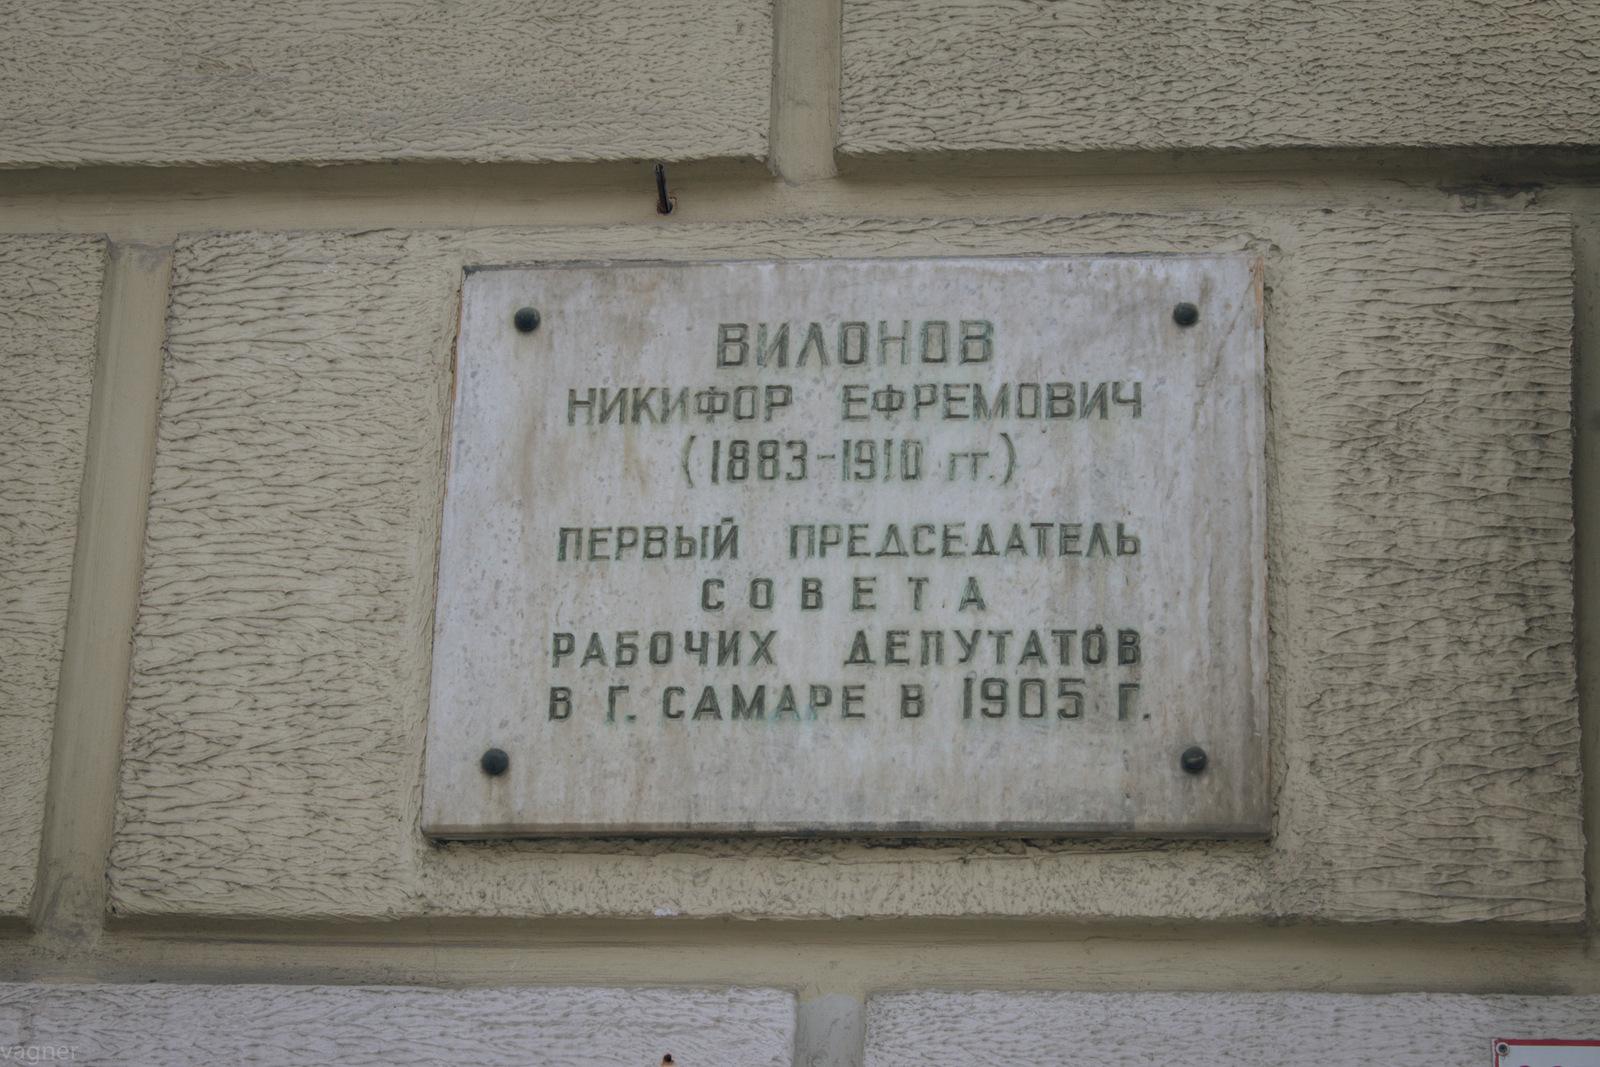 Вилонов